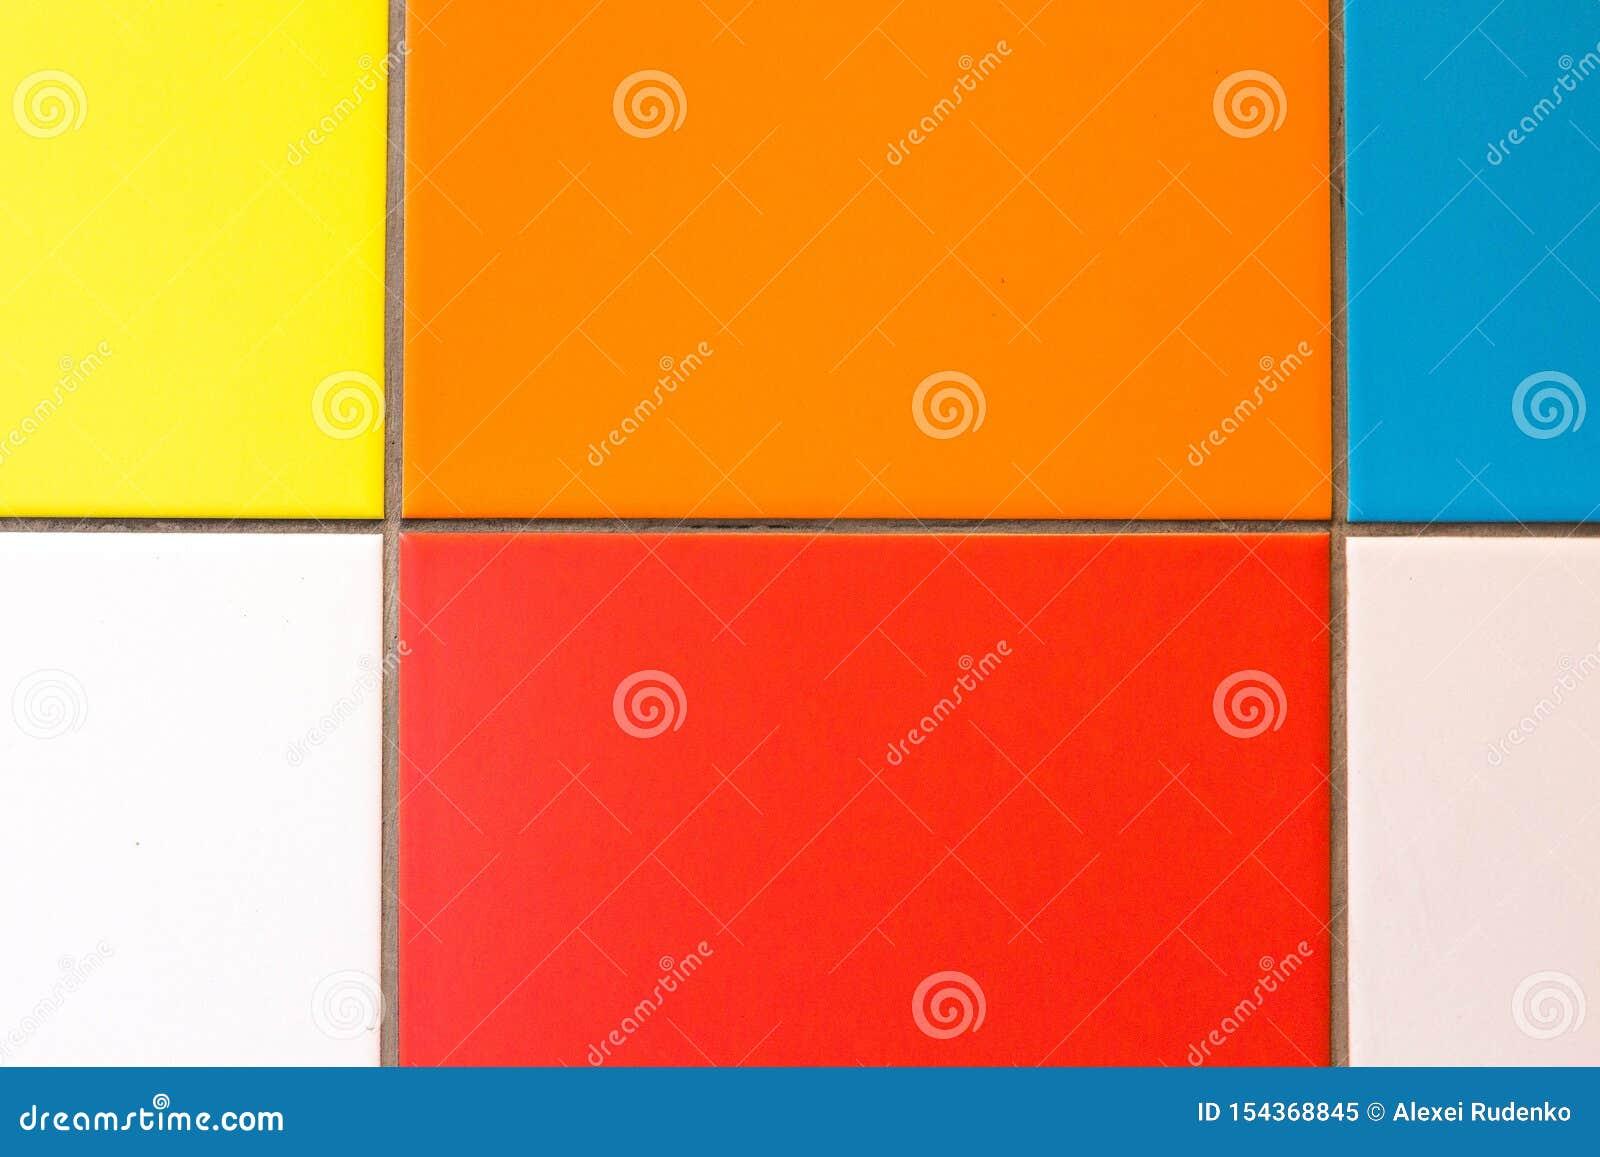 Fyrkanter av olika ljusa färger